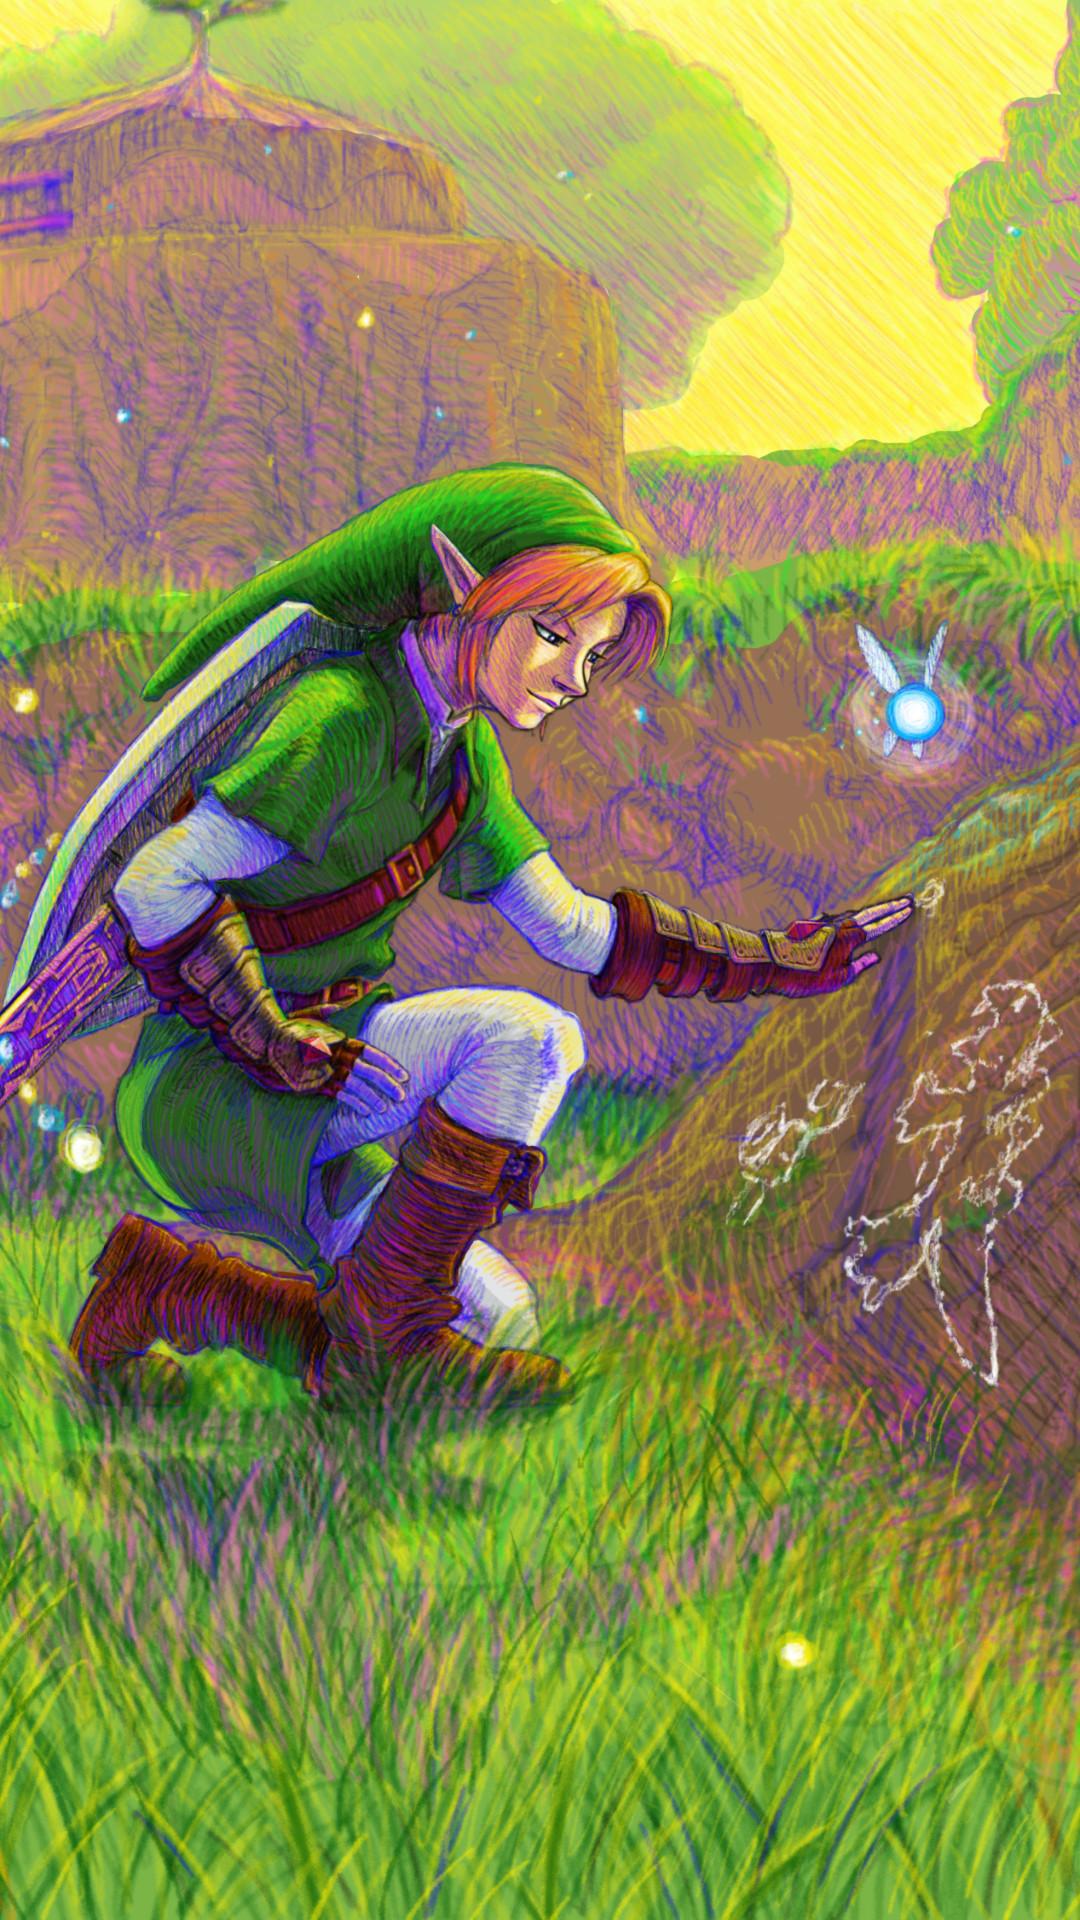 1080x1920 Zelda Wallpaper Wallpaper Desktop Hd